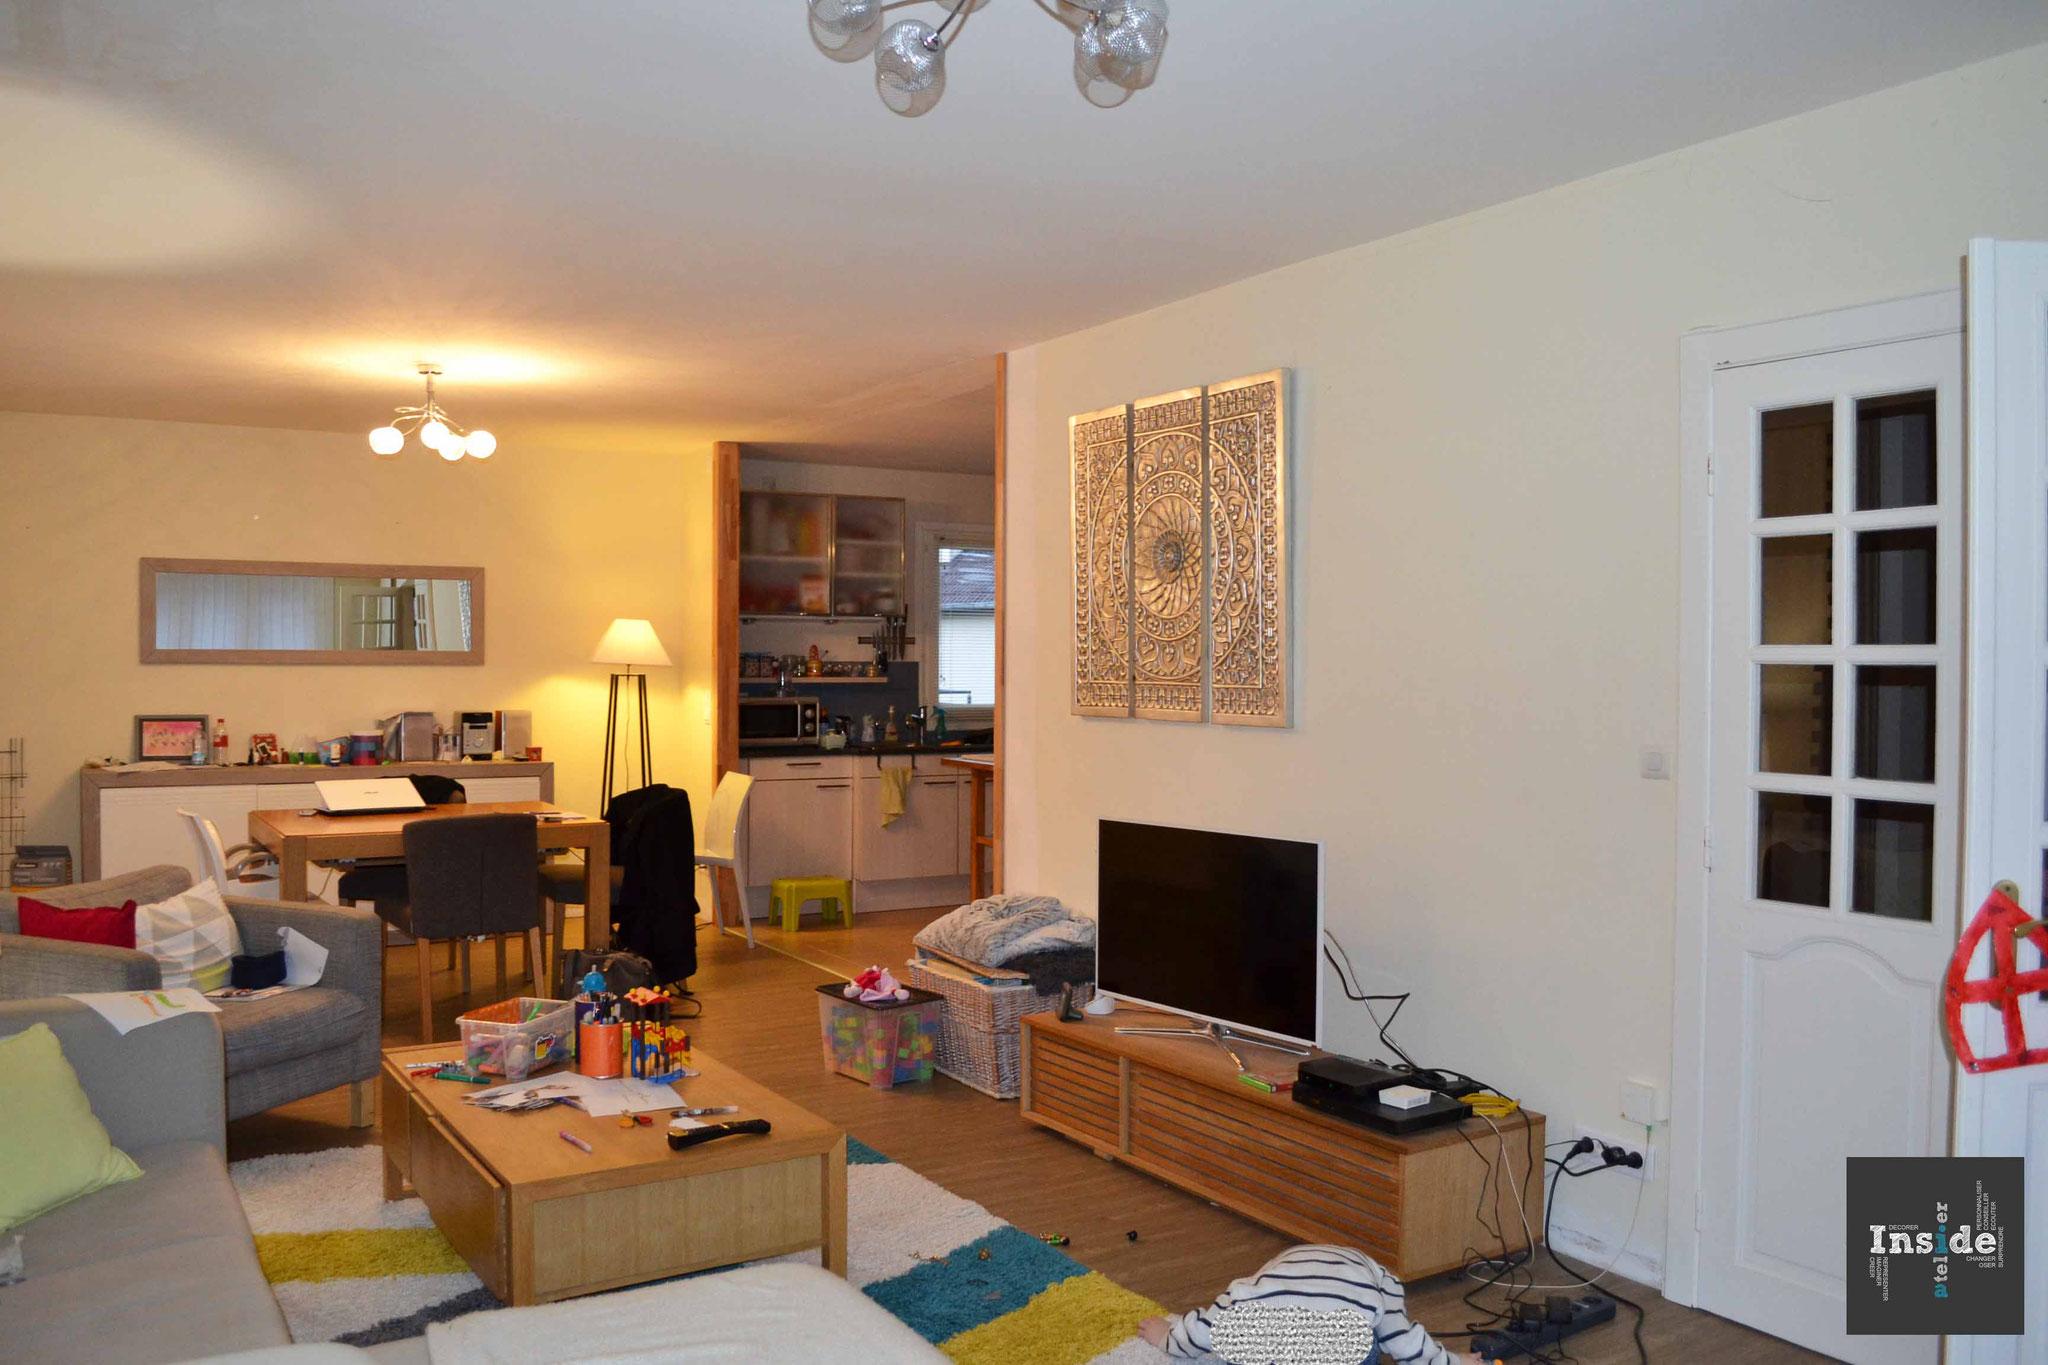 decorateur interieur nancy 28 images decorateur. Black Bedroom Furniture Sets. Home Design Ideas